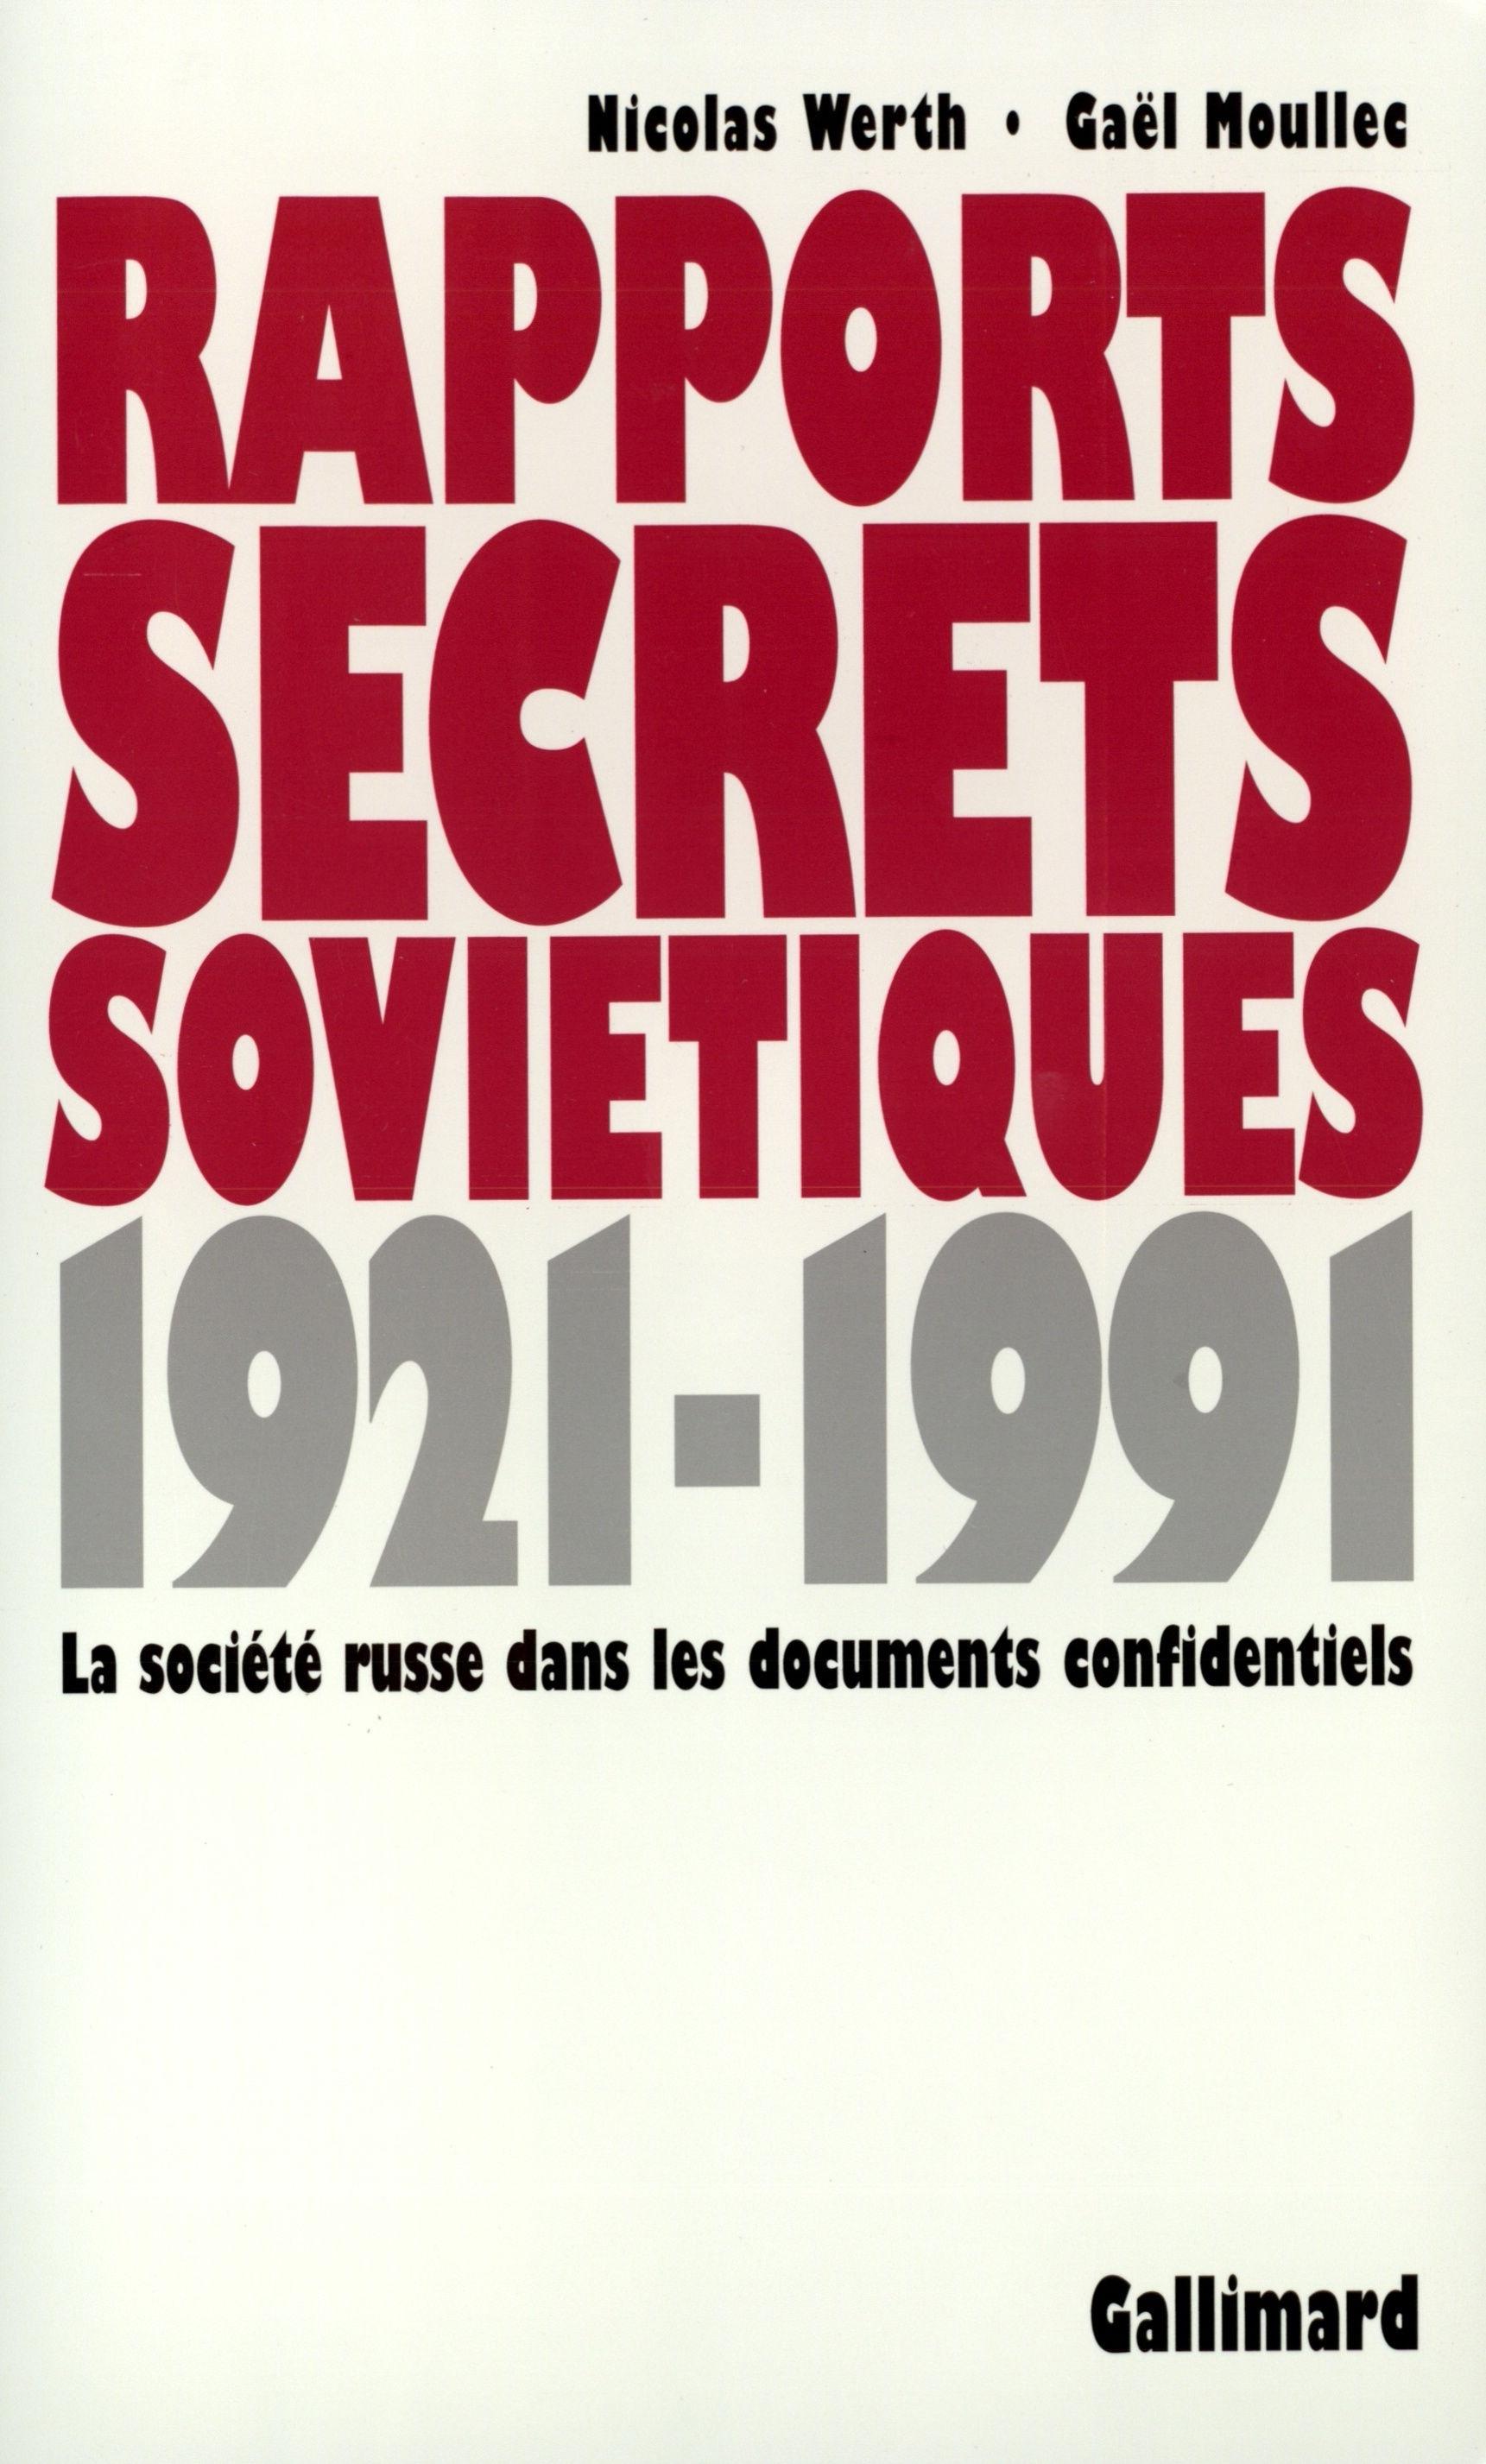 RAPPORTS SECRETS SOVIETIQUES